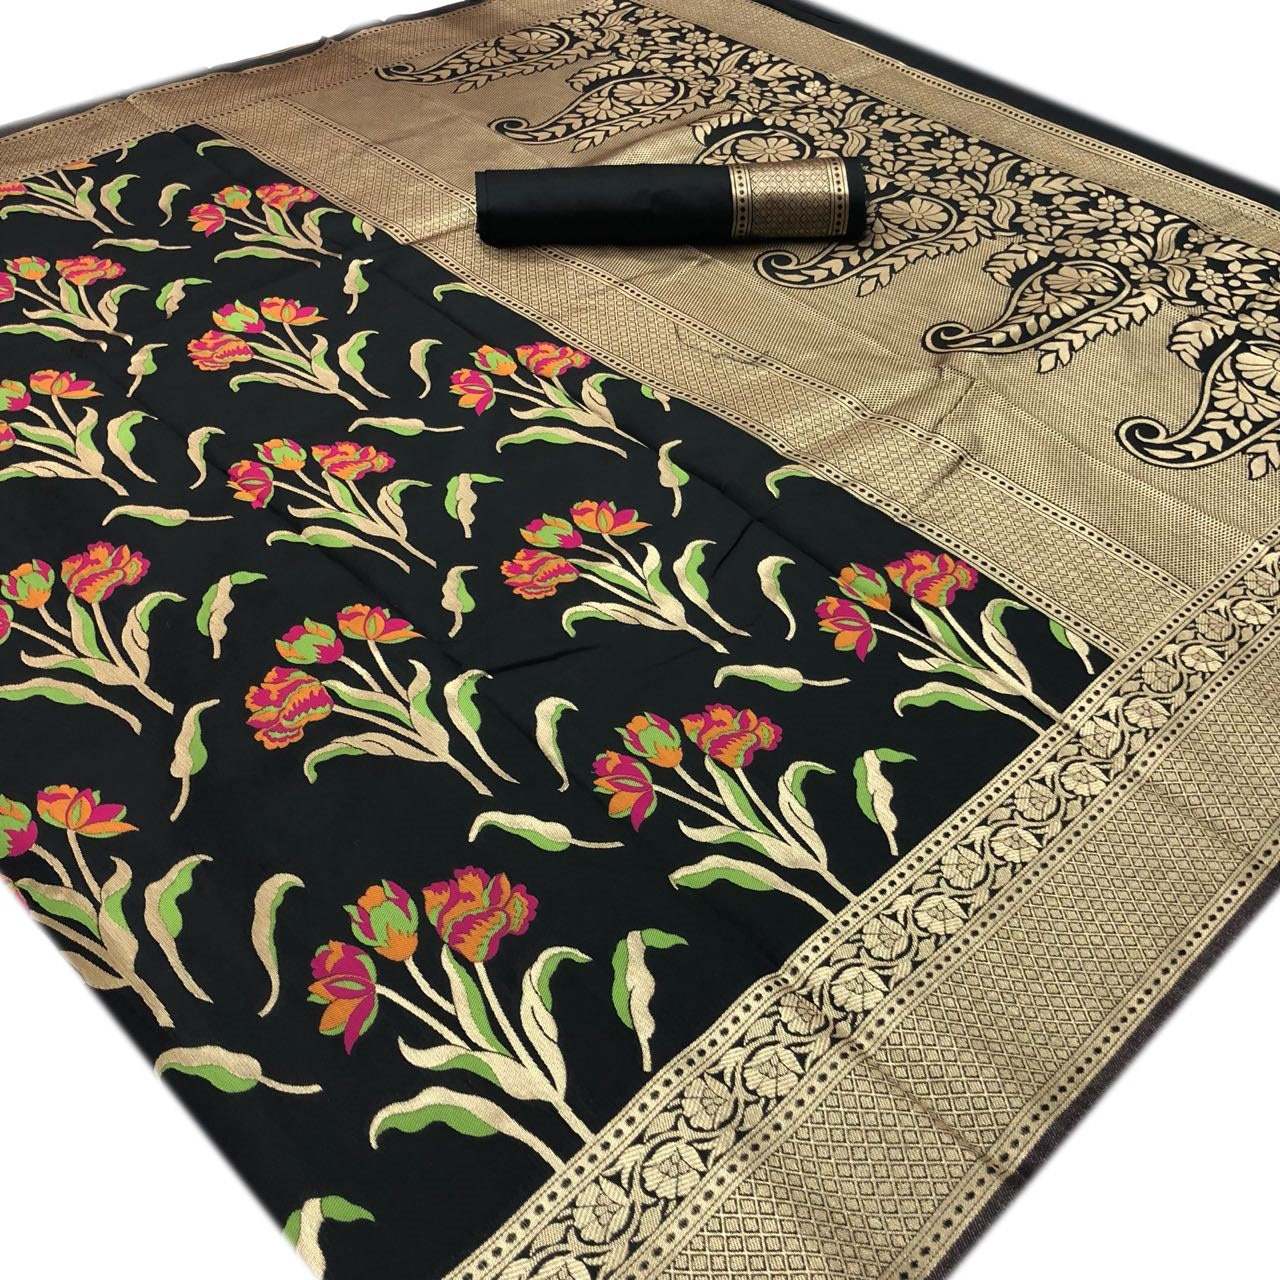 X-mas spécial tissage tissage spécial de soie Saree noir embelli mariage Sari indien fil tissu Floral artisanat femmes vêtements efféminée Sarong 6 verges Scrap b95e95